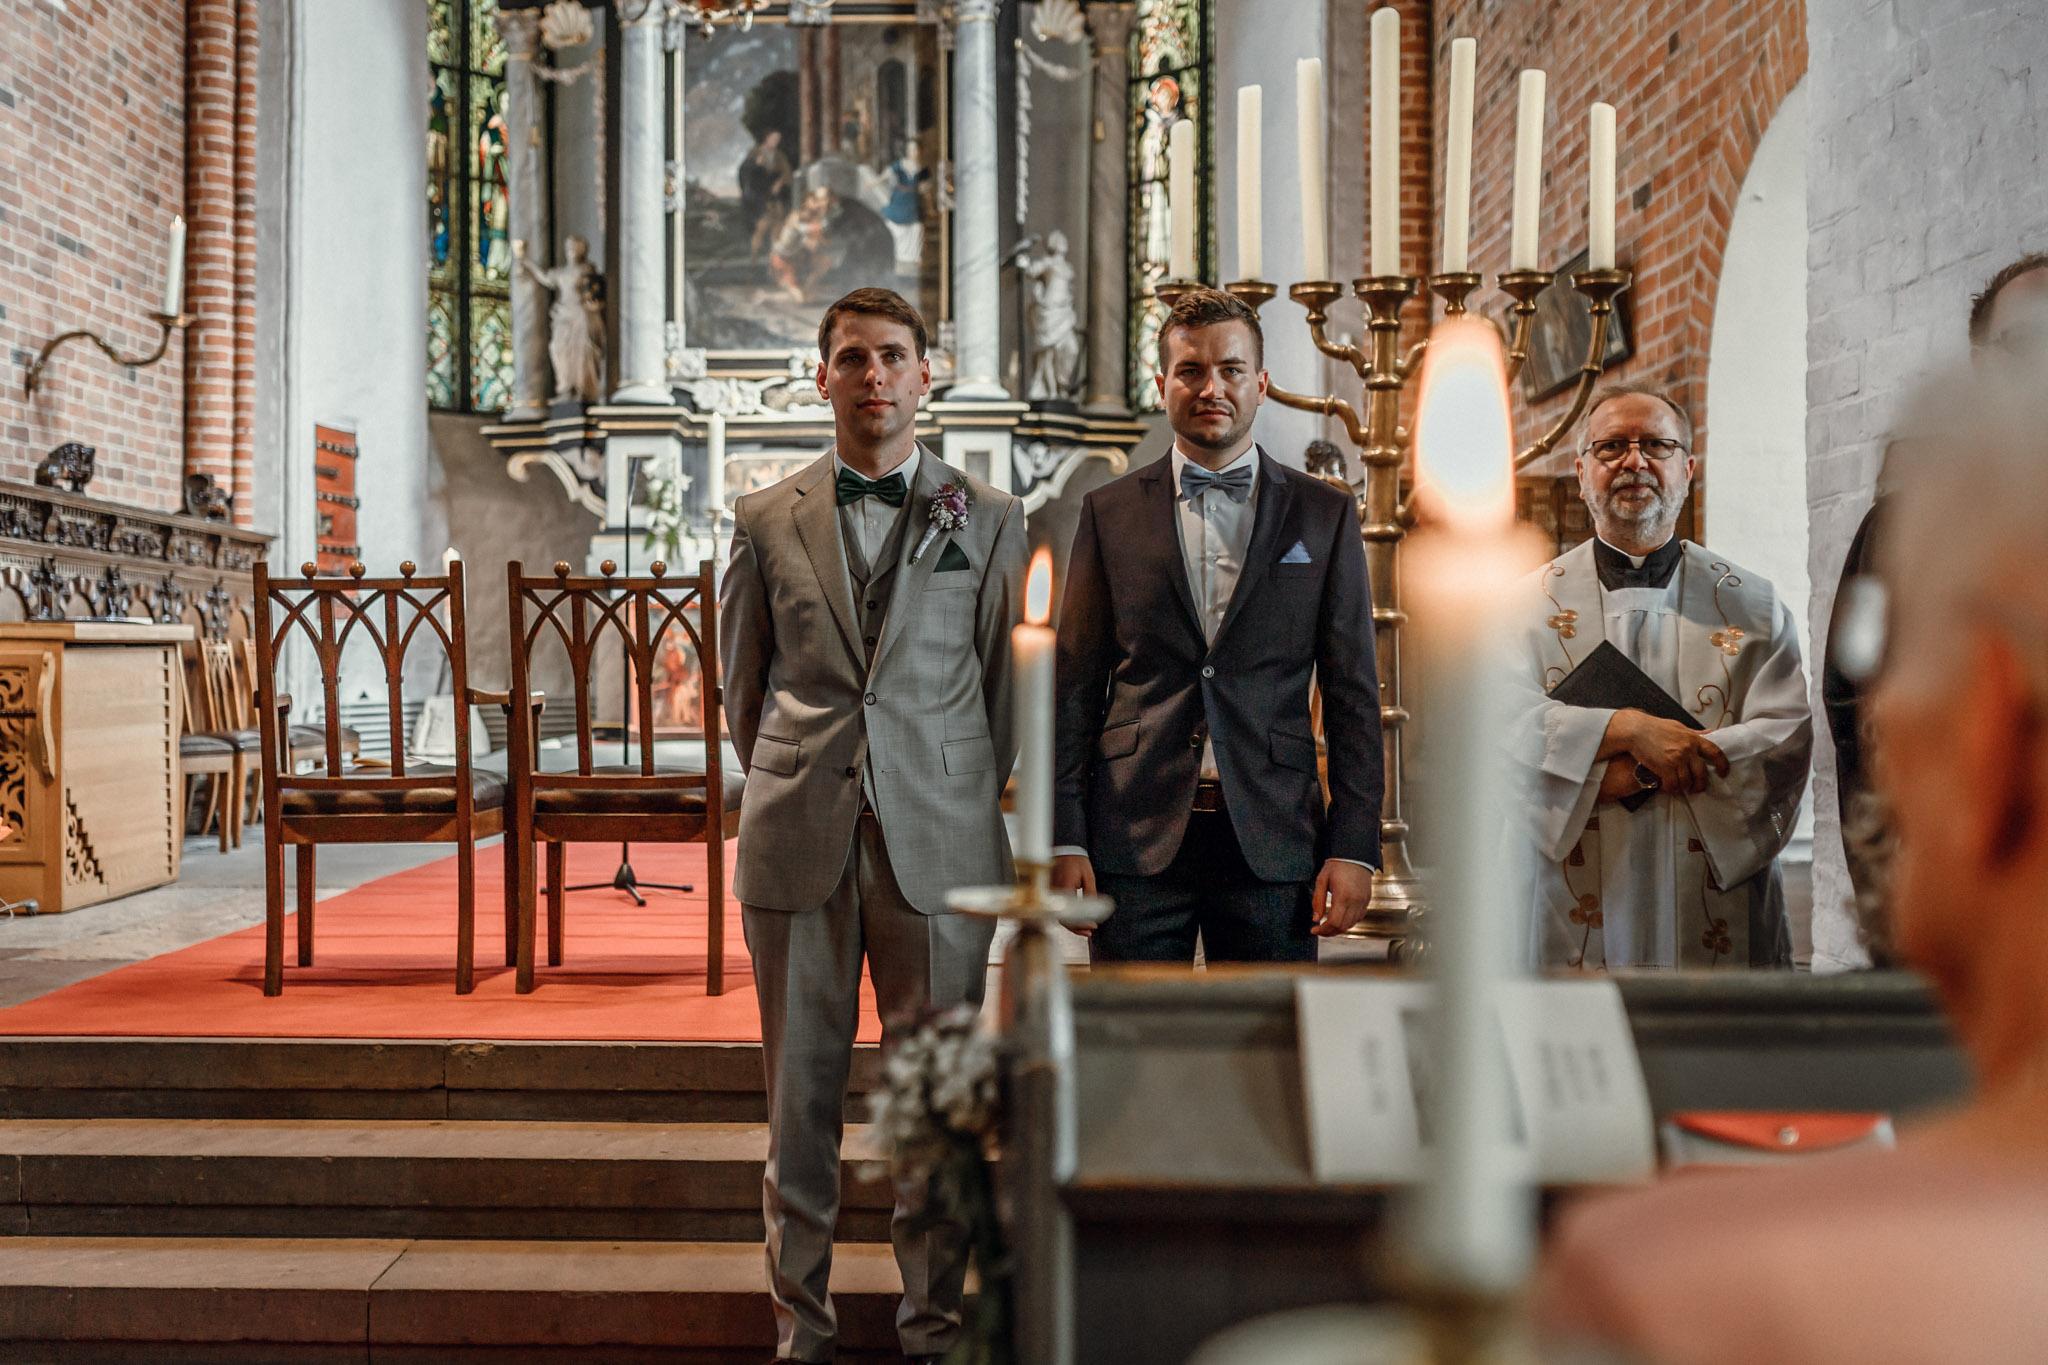 Sven Schomburg Hochzeitsfotografie, Hamburg, Mölln, Hochzeitsfieber by Photo-Schomburg, Hochzeitsreportage, Forsthaus Waldhusen, Braut, Bräutigam-24